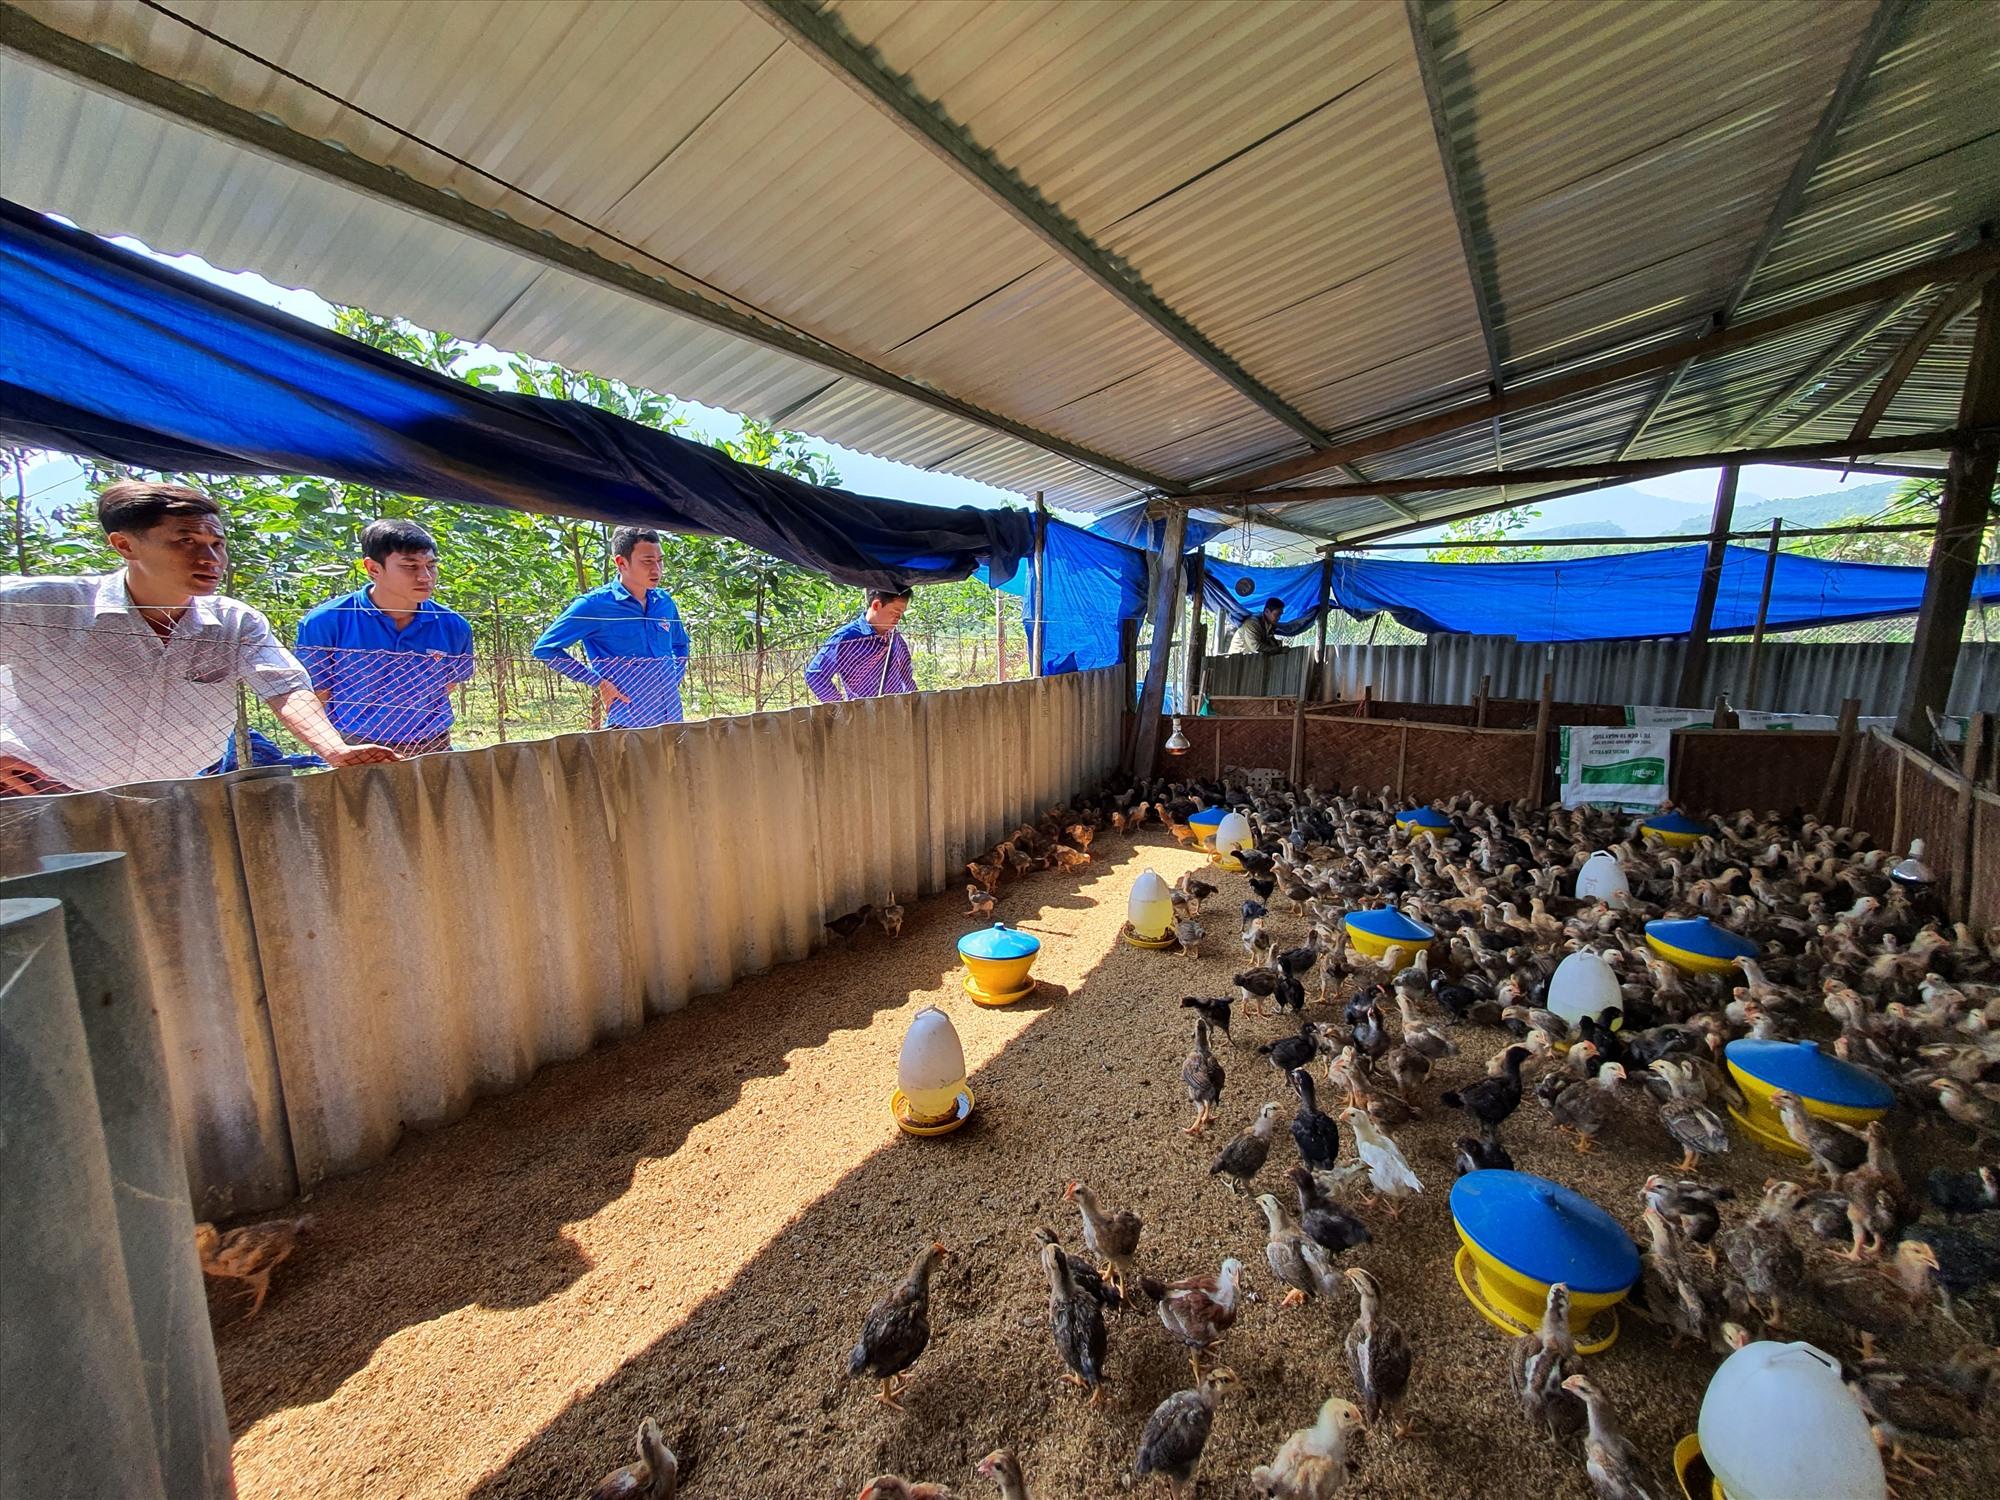 Tham quan mô hình chăn nuôi gà tại địa phương. Ảnh: T.Đ